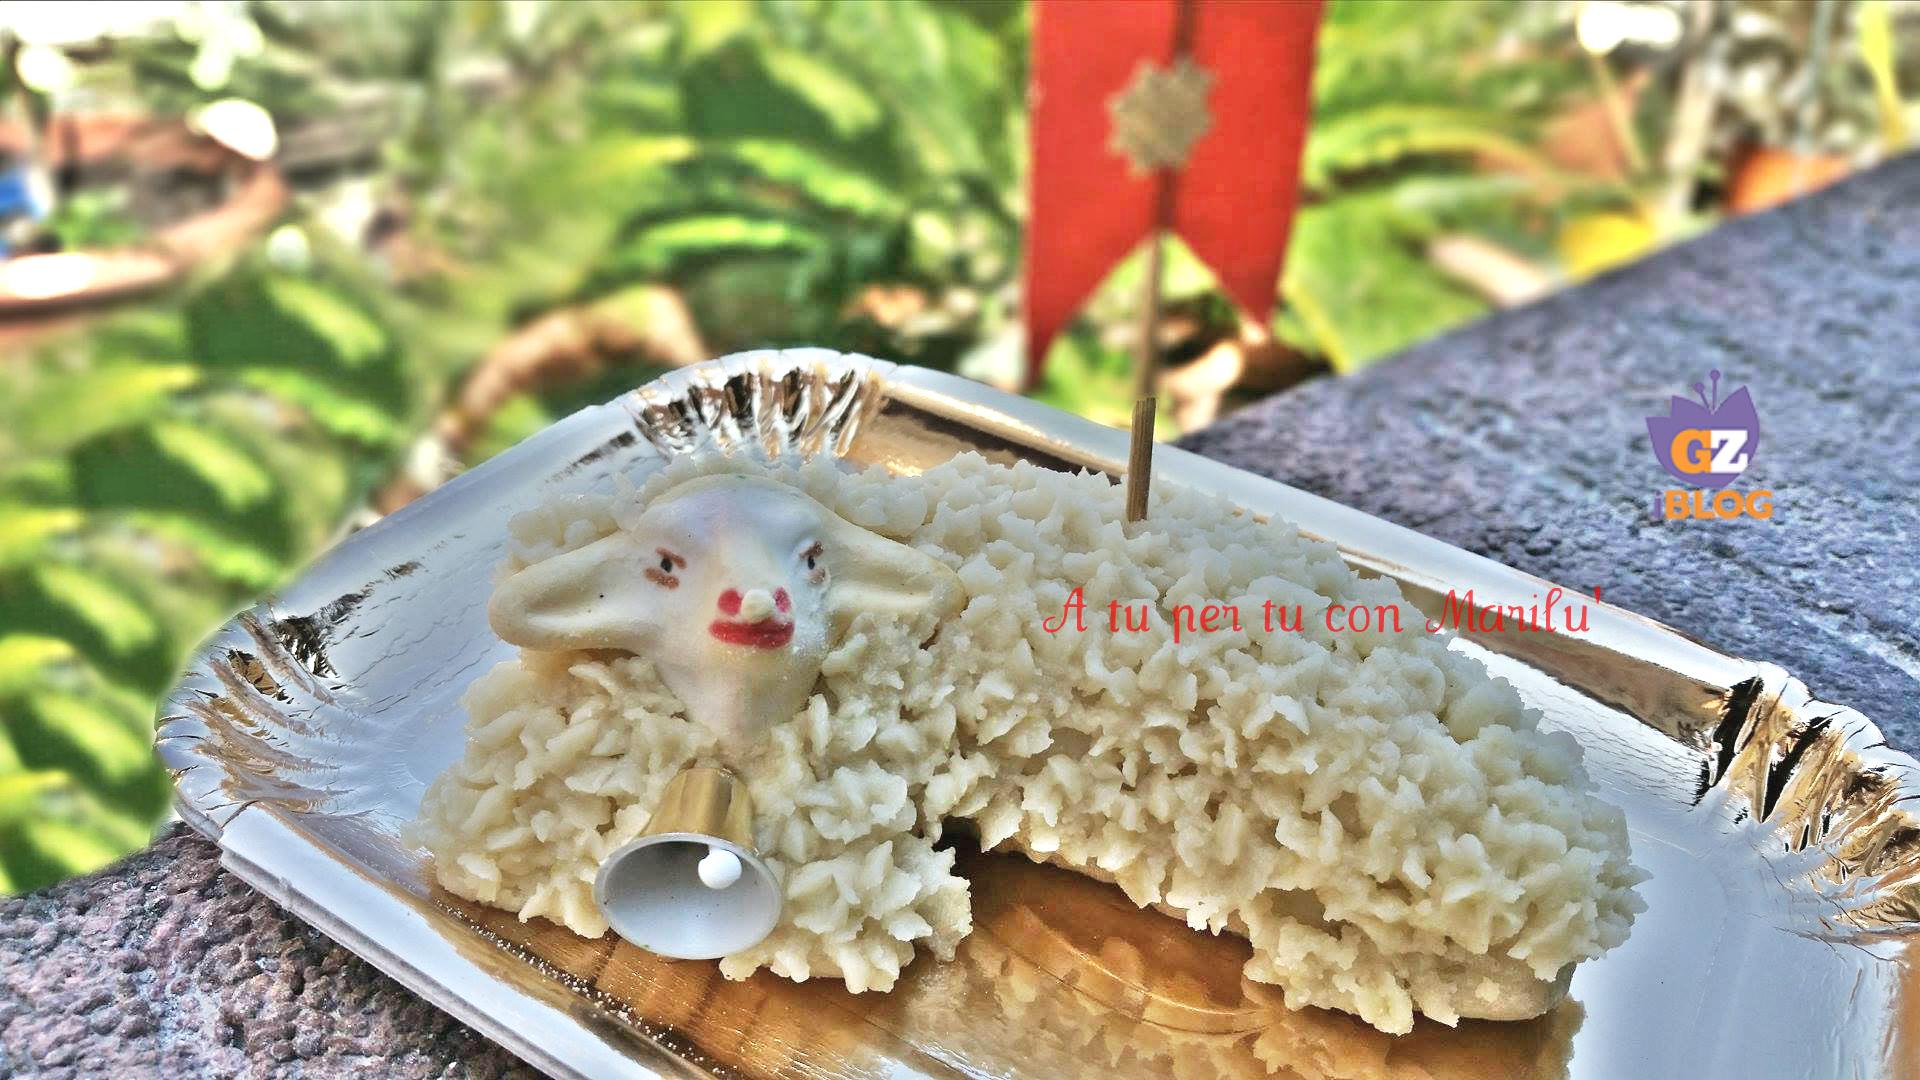 Pecorella in pasta reale